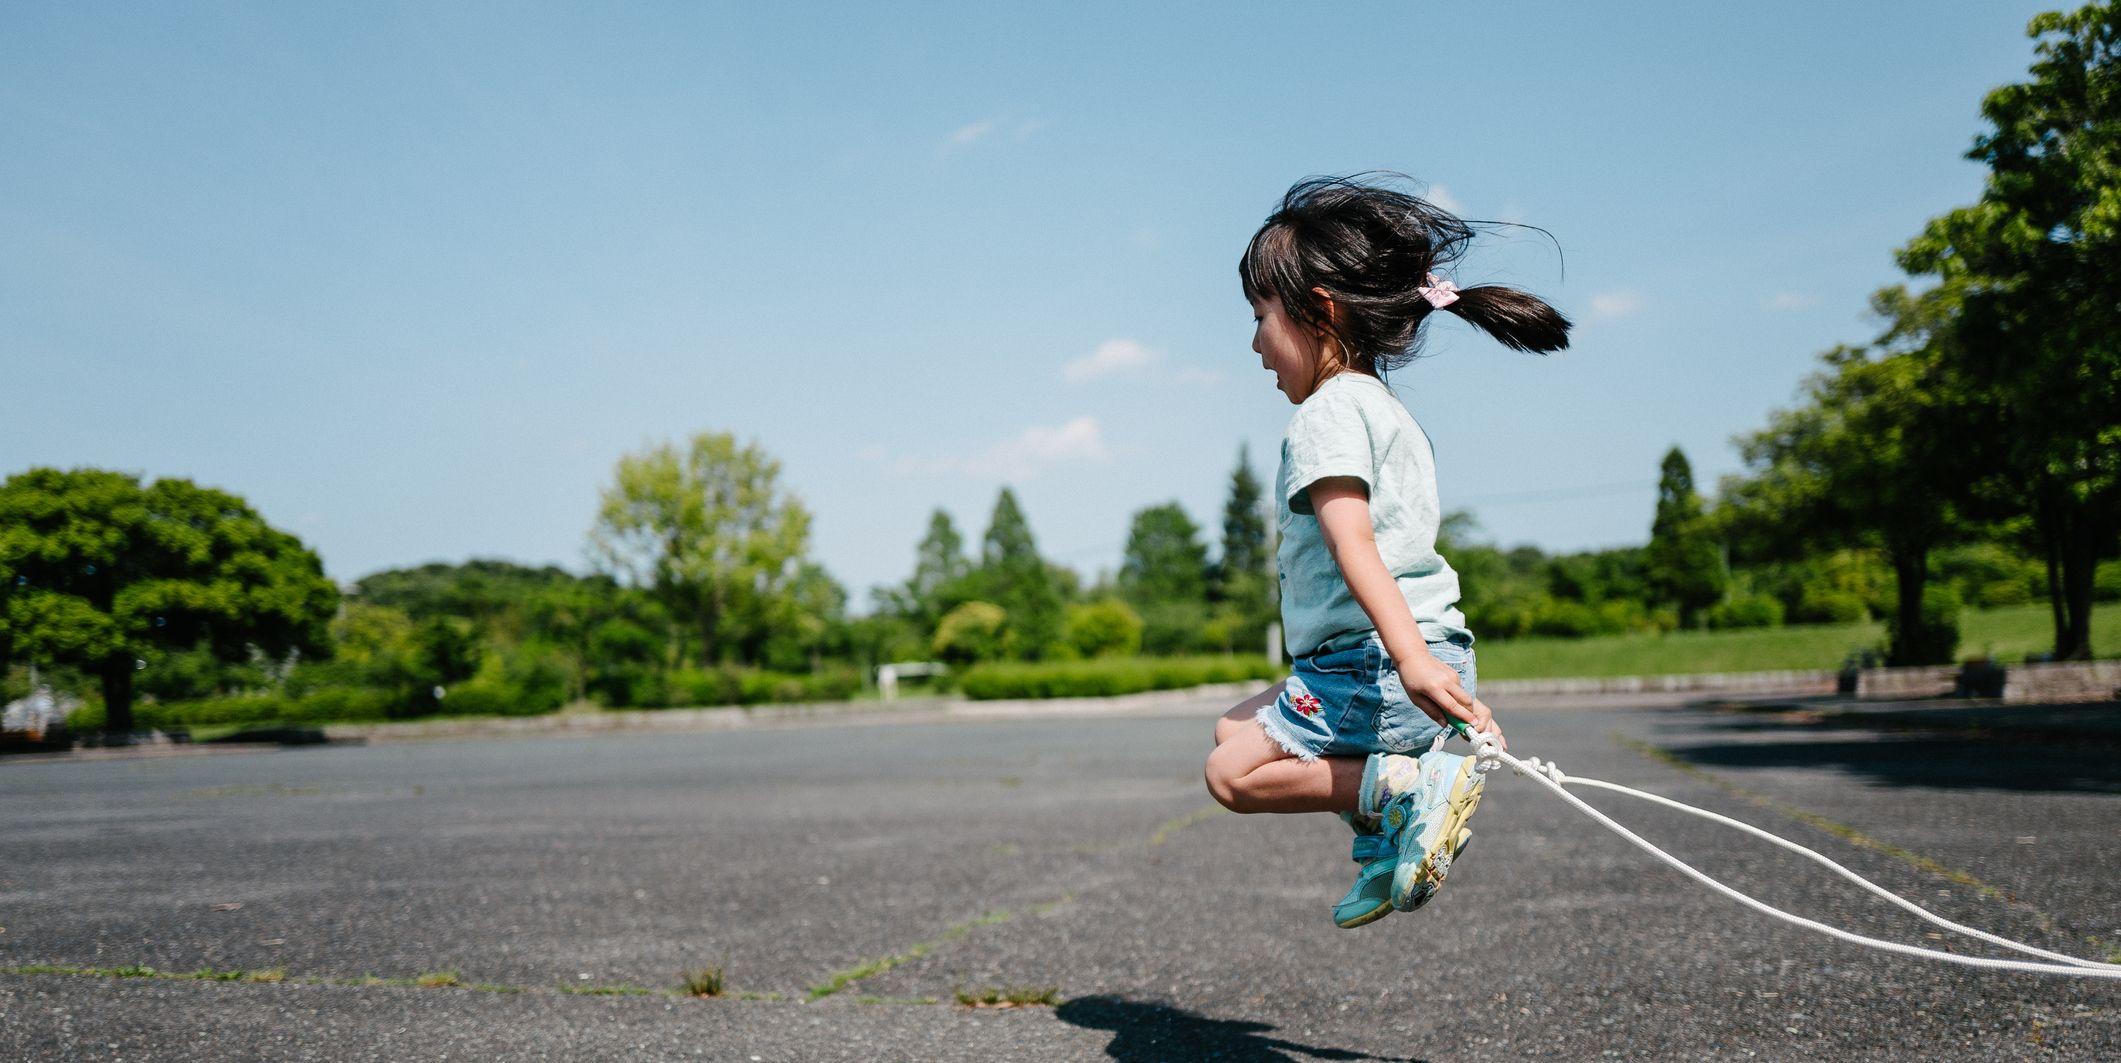 Claves para diferenciar un niño nervioso de uno hiperactivo